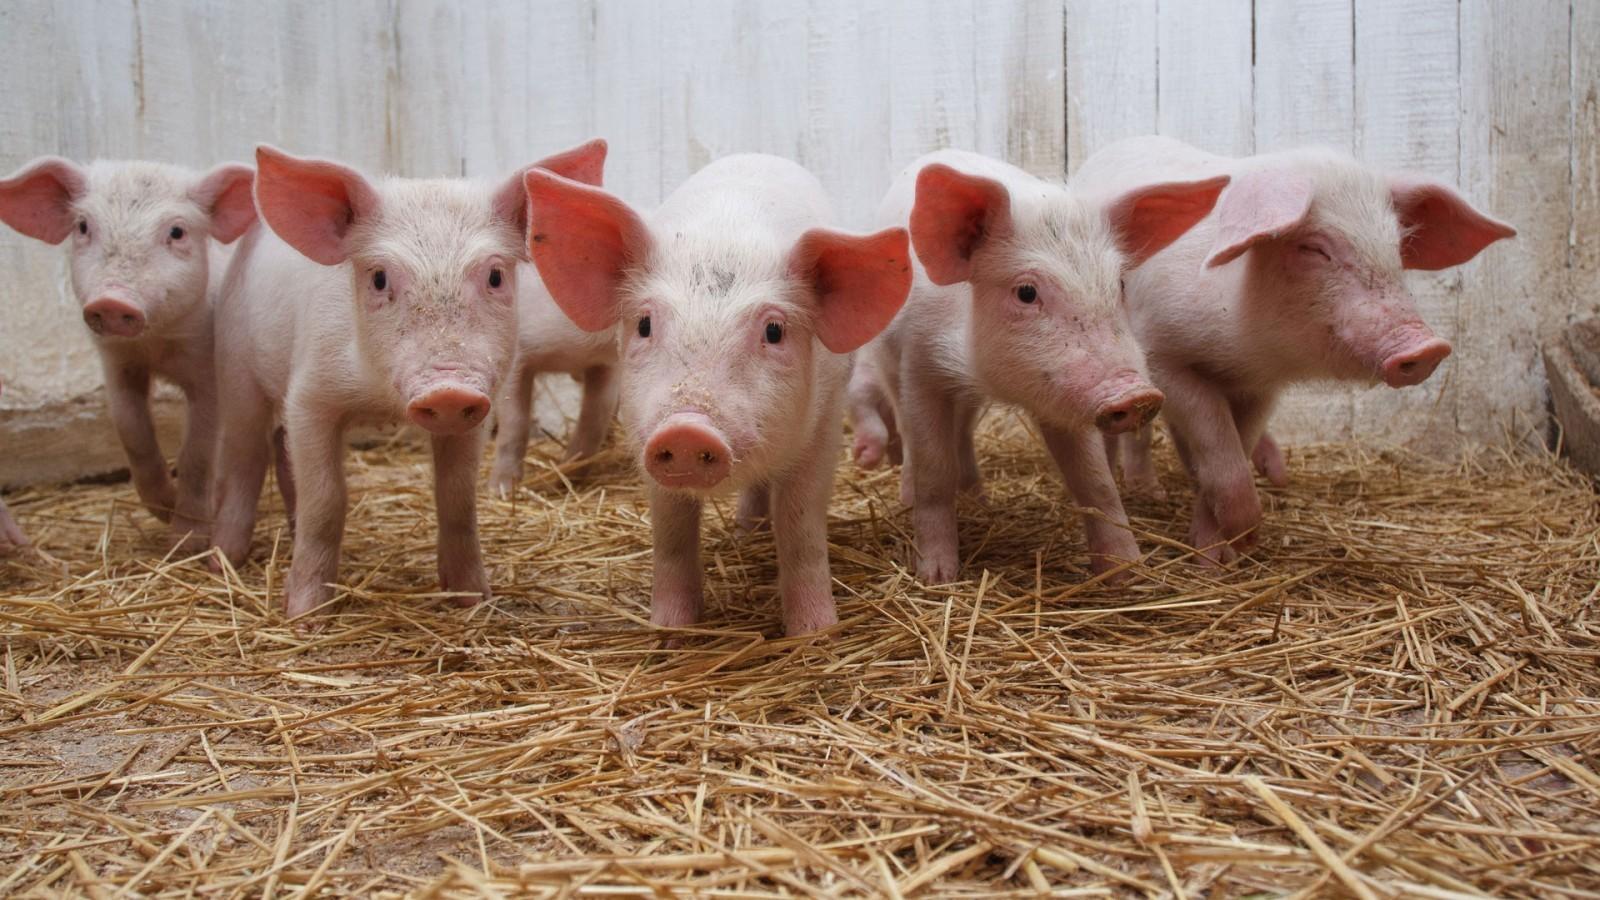 Тамбовщина отмечена в числе шести регионов, обеспечивших рост производства продукции свиноводства в стране